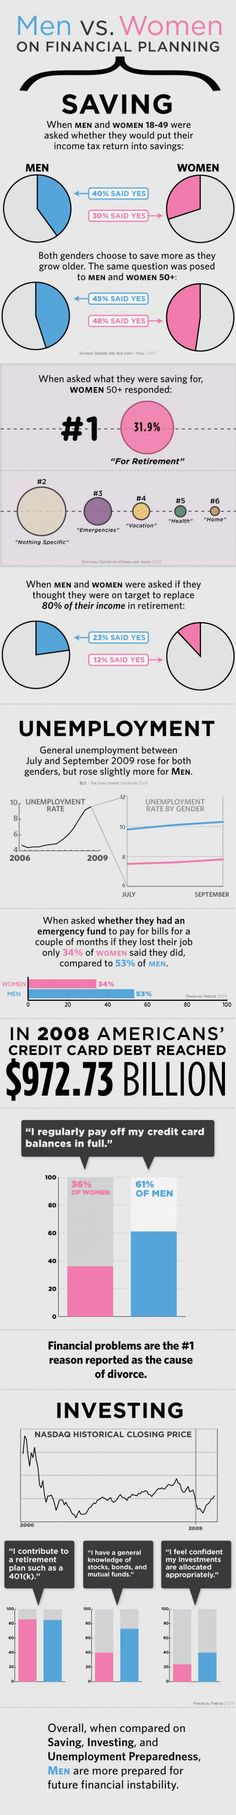 Men vs. Women on Financial Planning